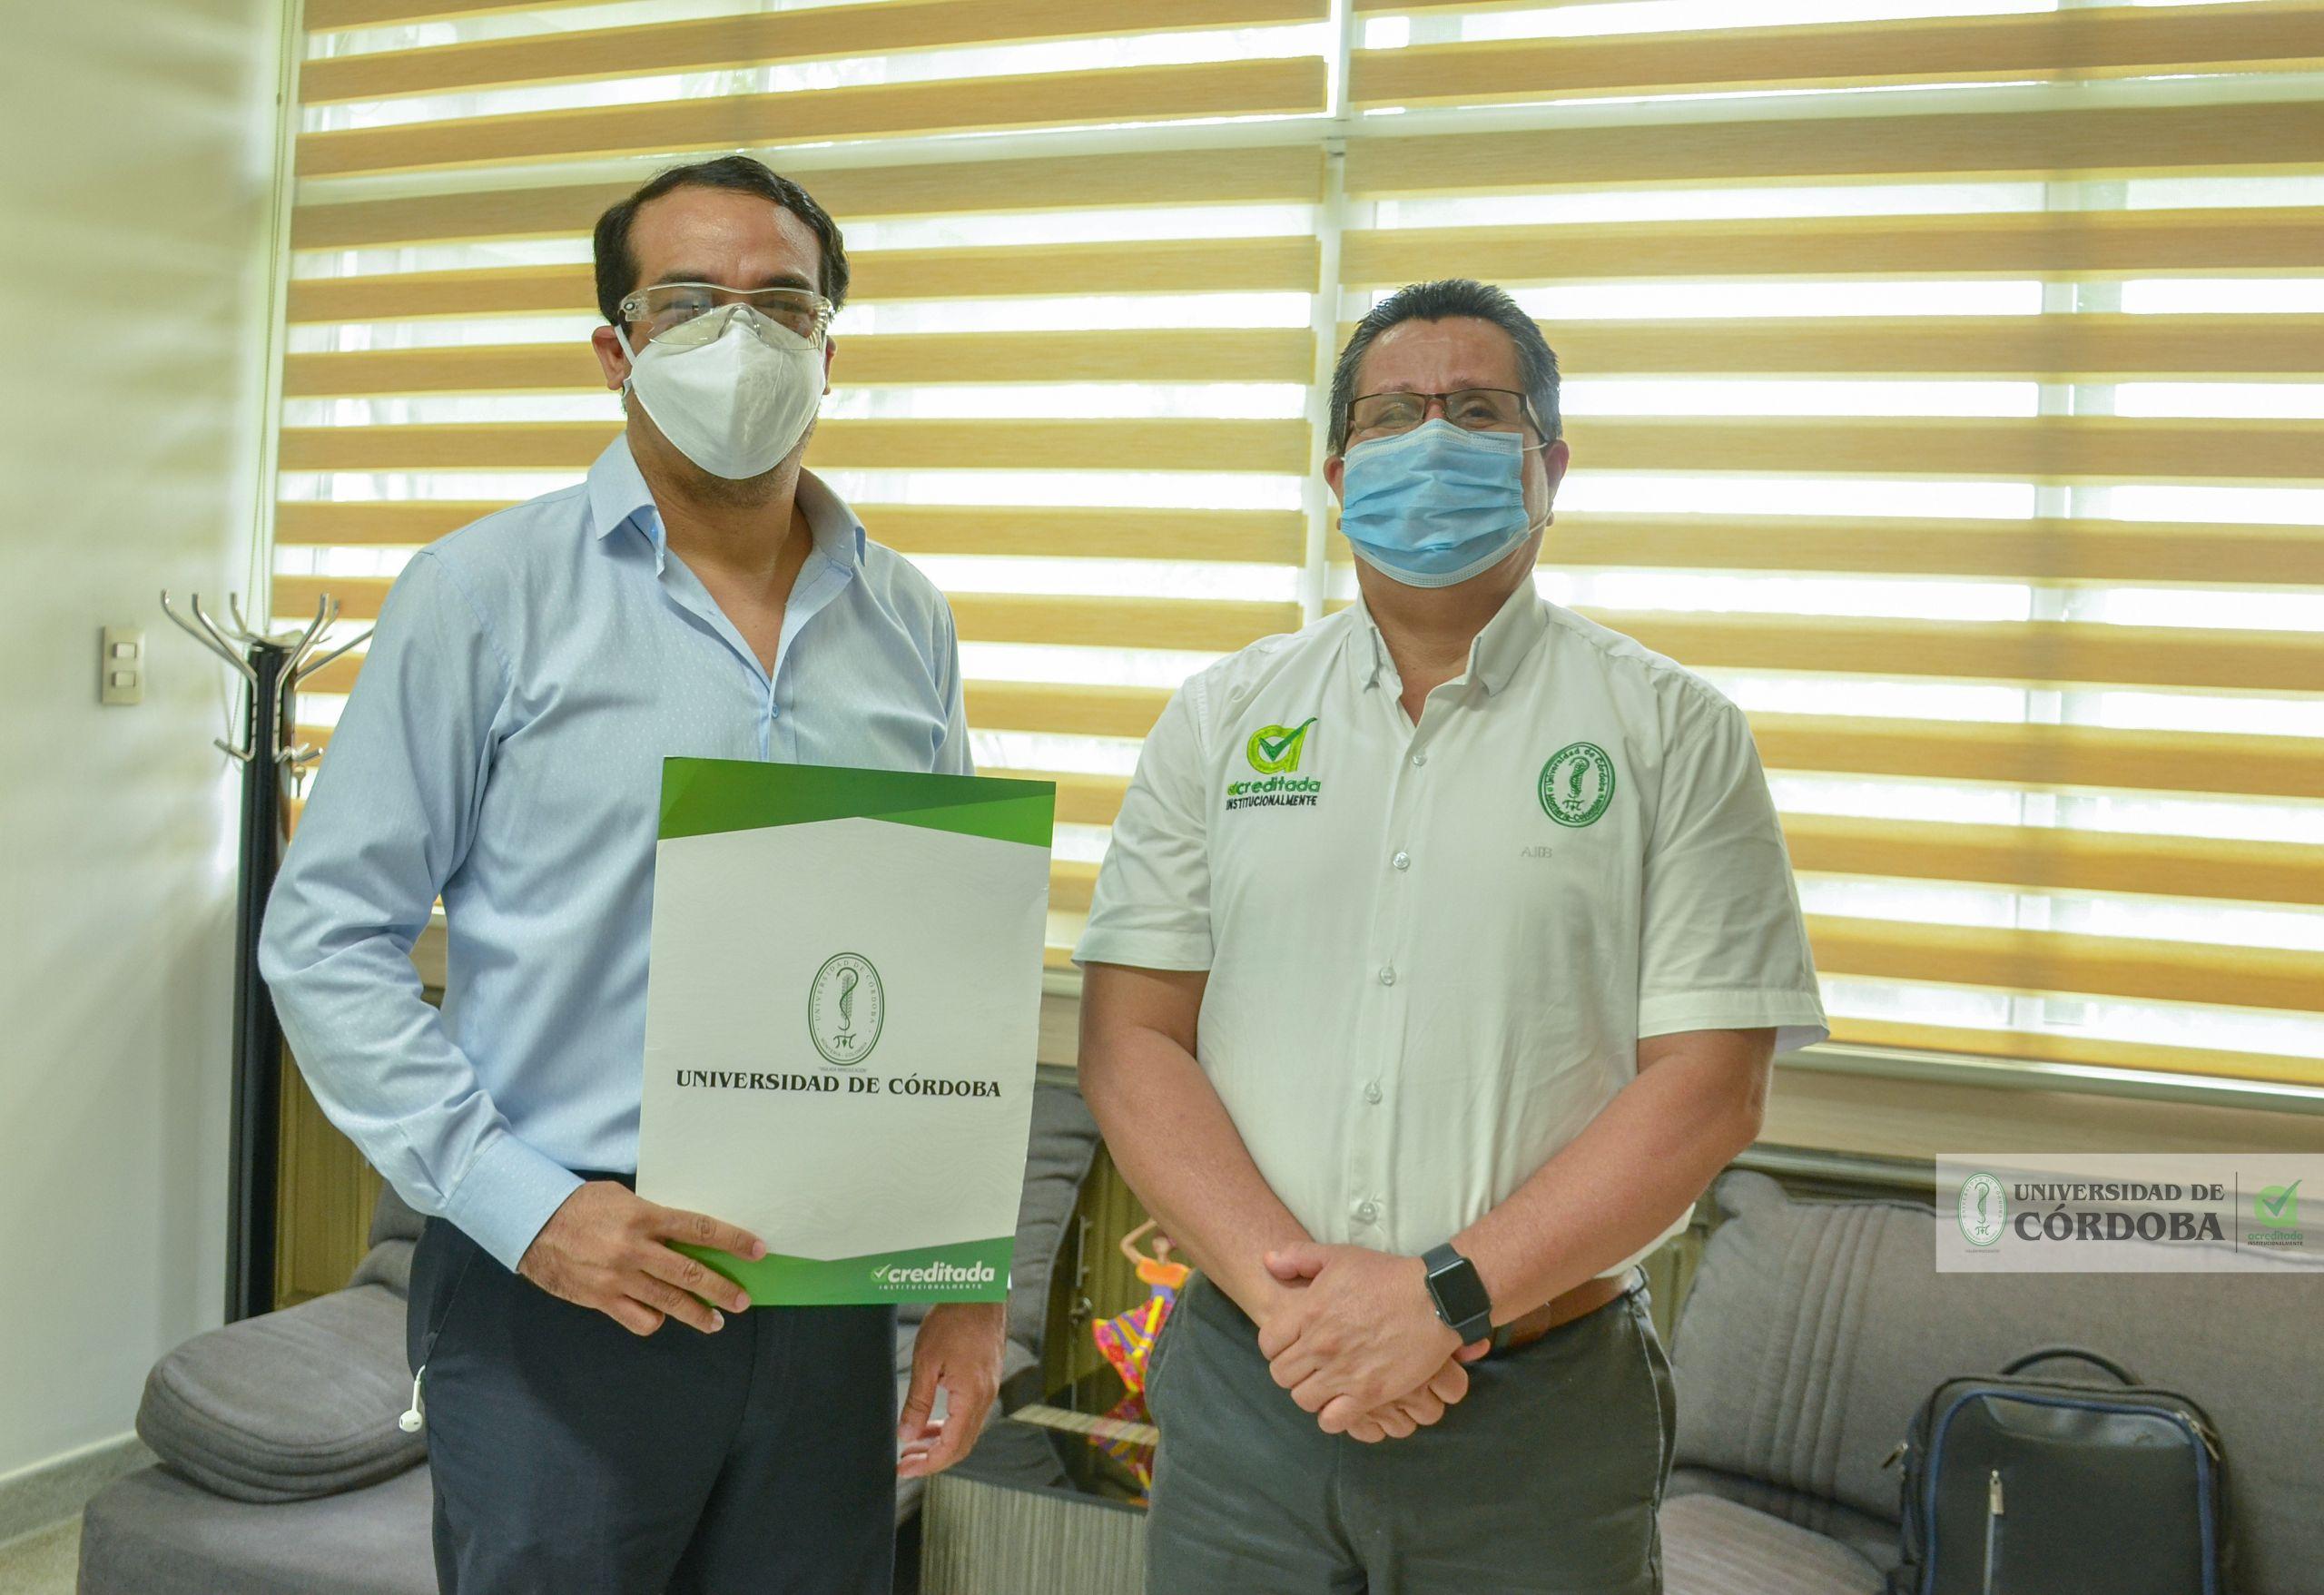 El profesor Adán Gómez Salgado (izquierda) mientras compartía la buena noticia con el rector de Unicórdoba, Jairo Torres Oviedo.